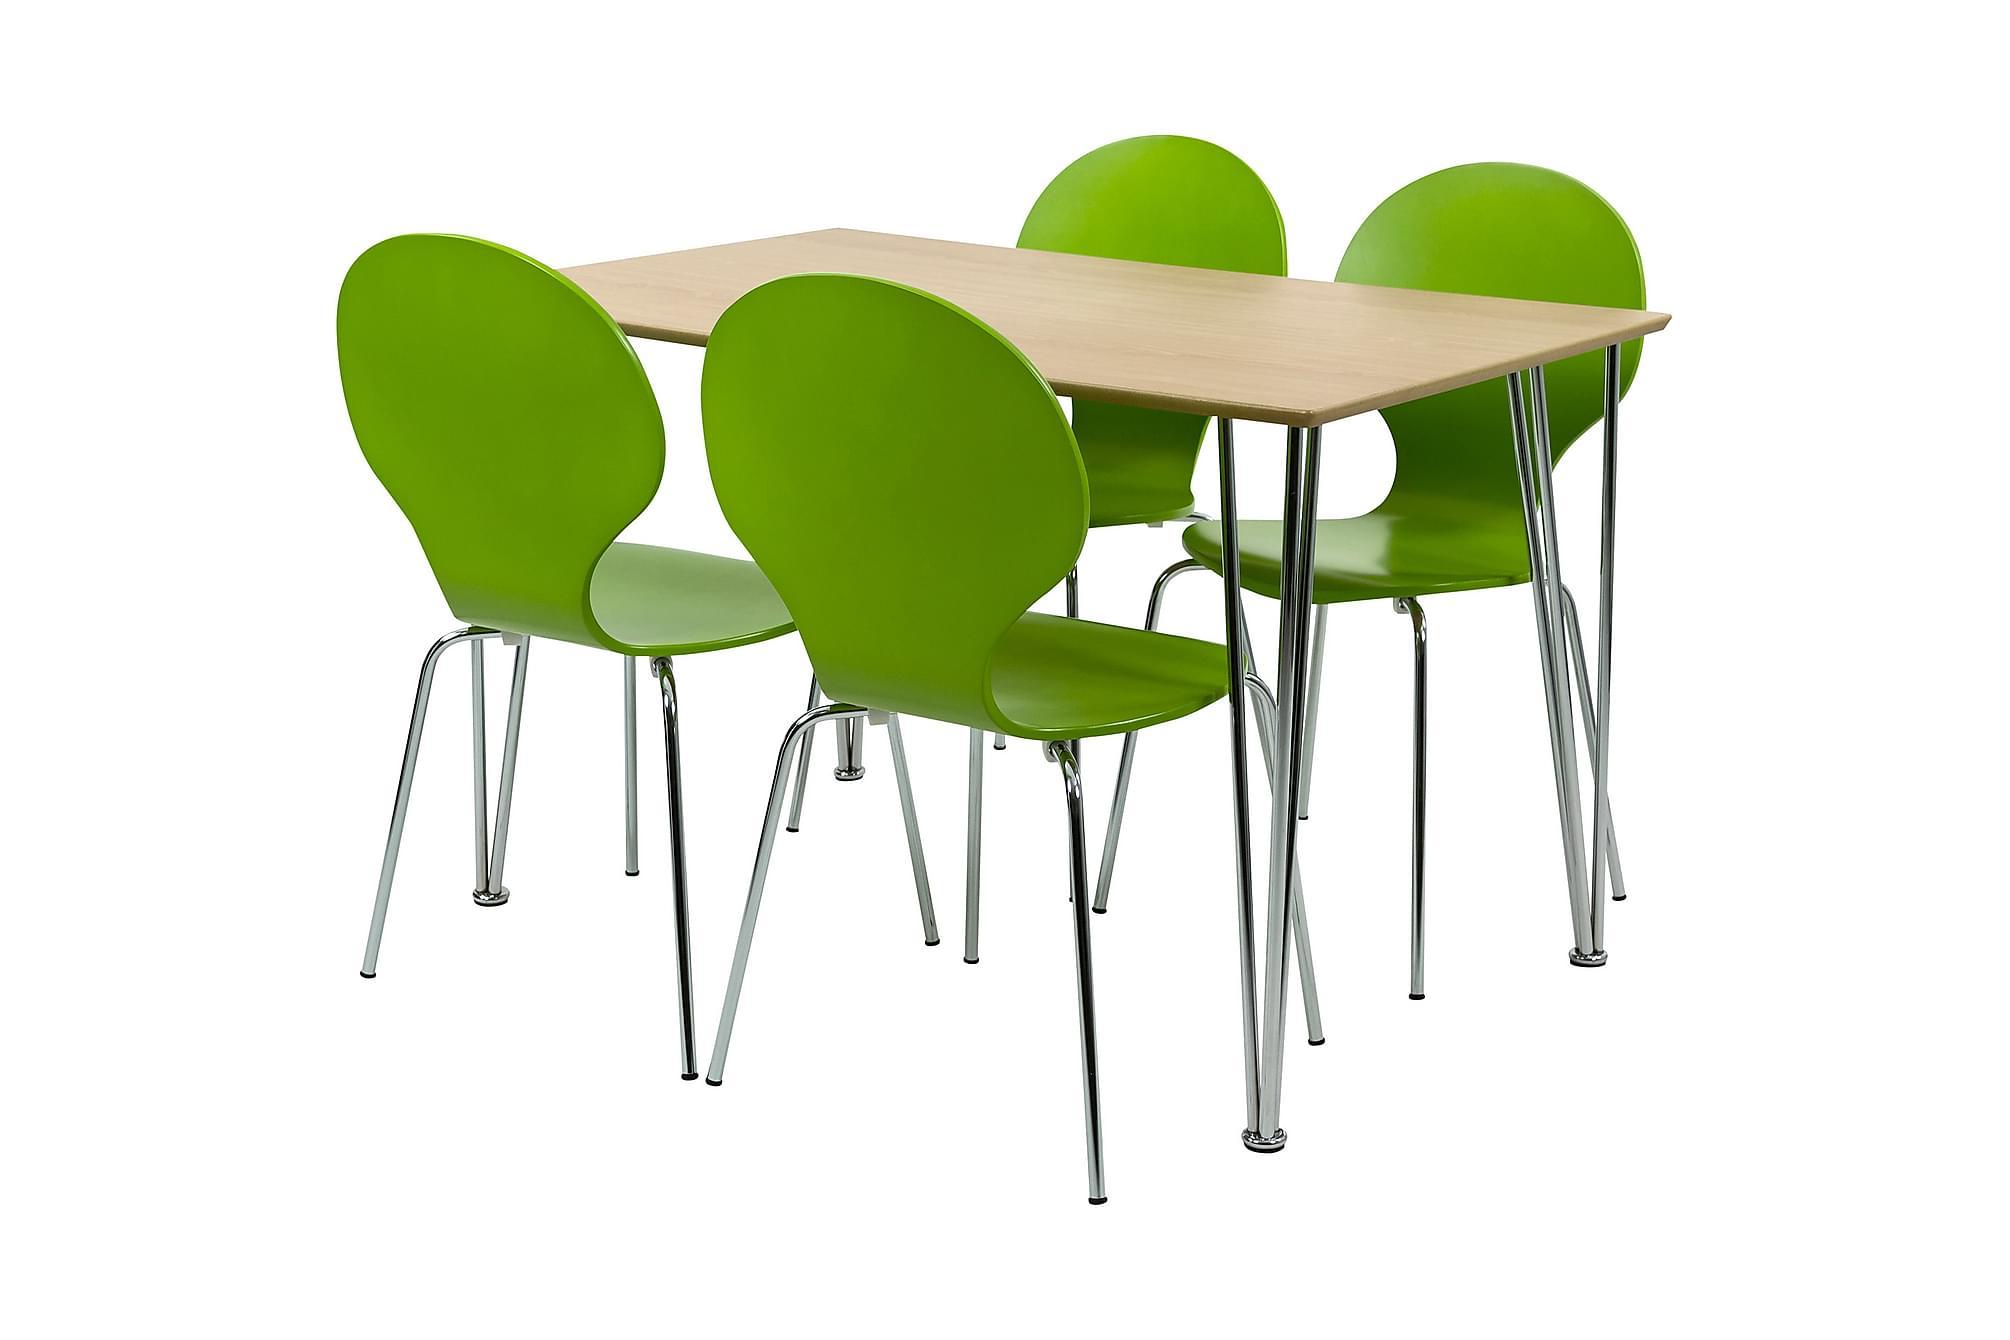 NINA Matbord Ovalt Natur/Krom + 4 ALMIDA Stol Lime/Krom